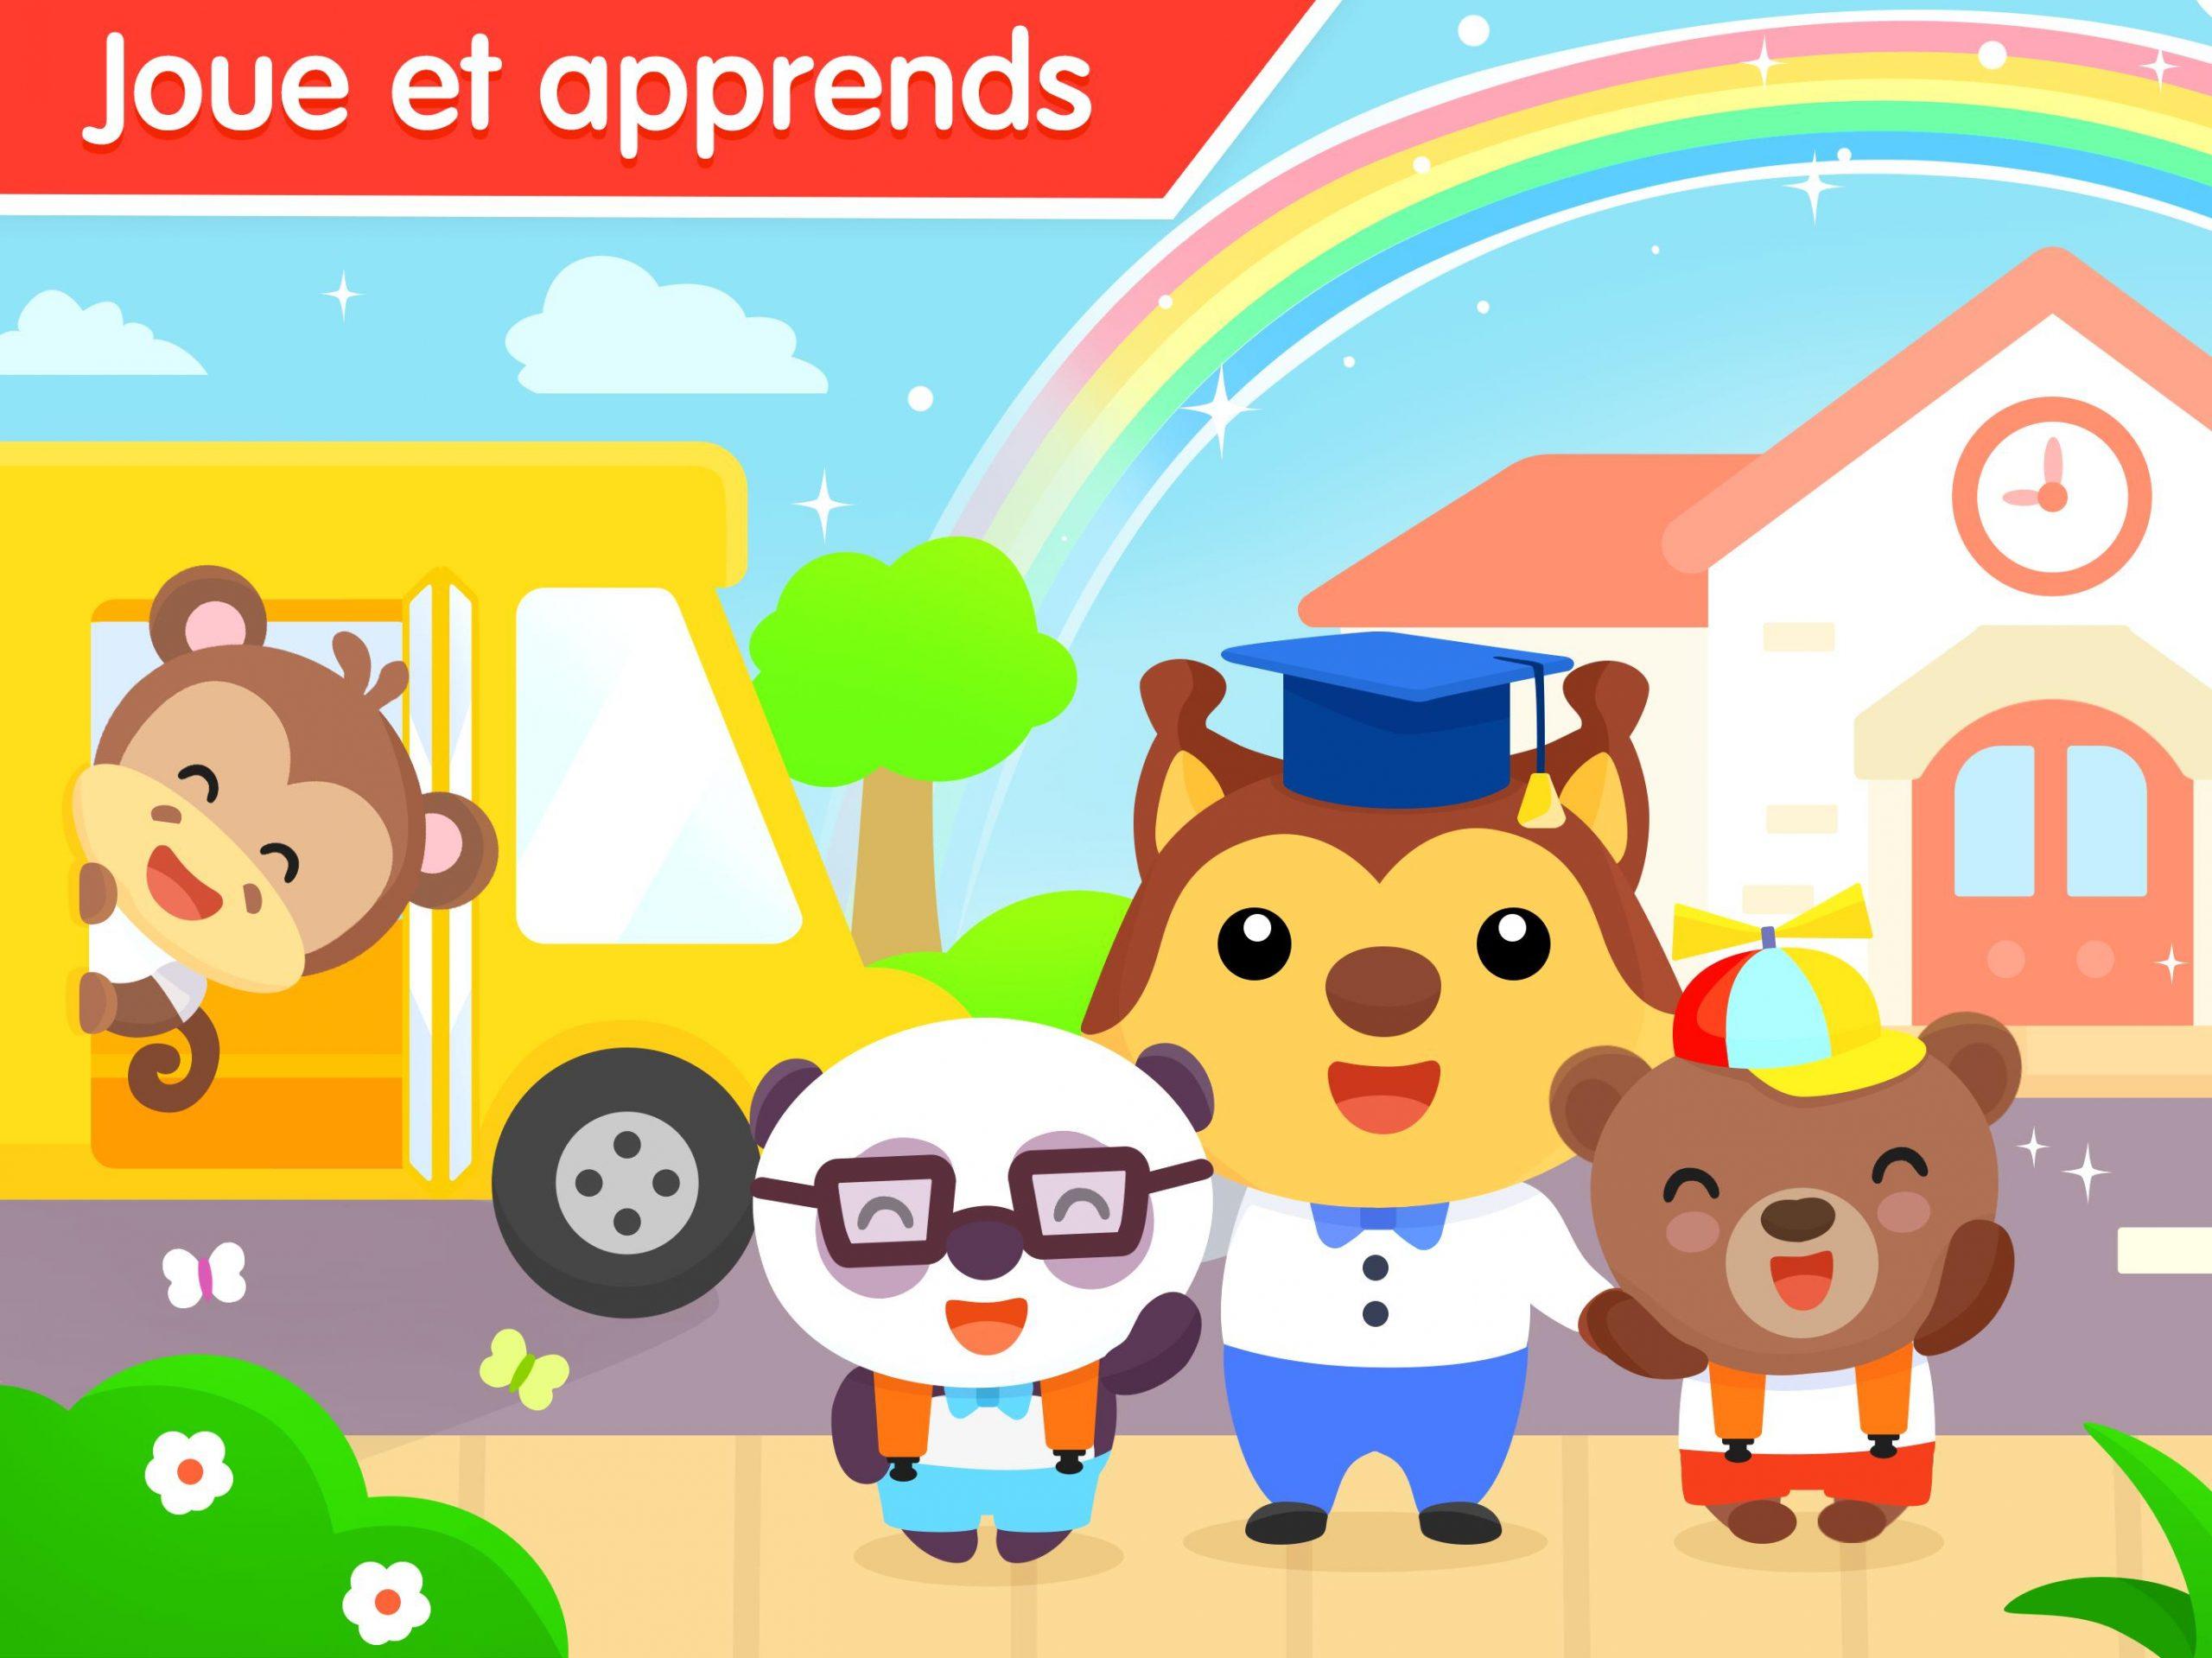 Jeux De Puzzle Pour Bebe 3 Ans - Jeu Éducatif Pour Android pour Jeu Educatif 3 Ans - PrimaNYC.com